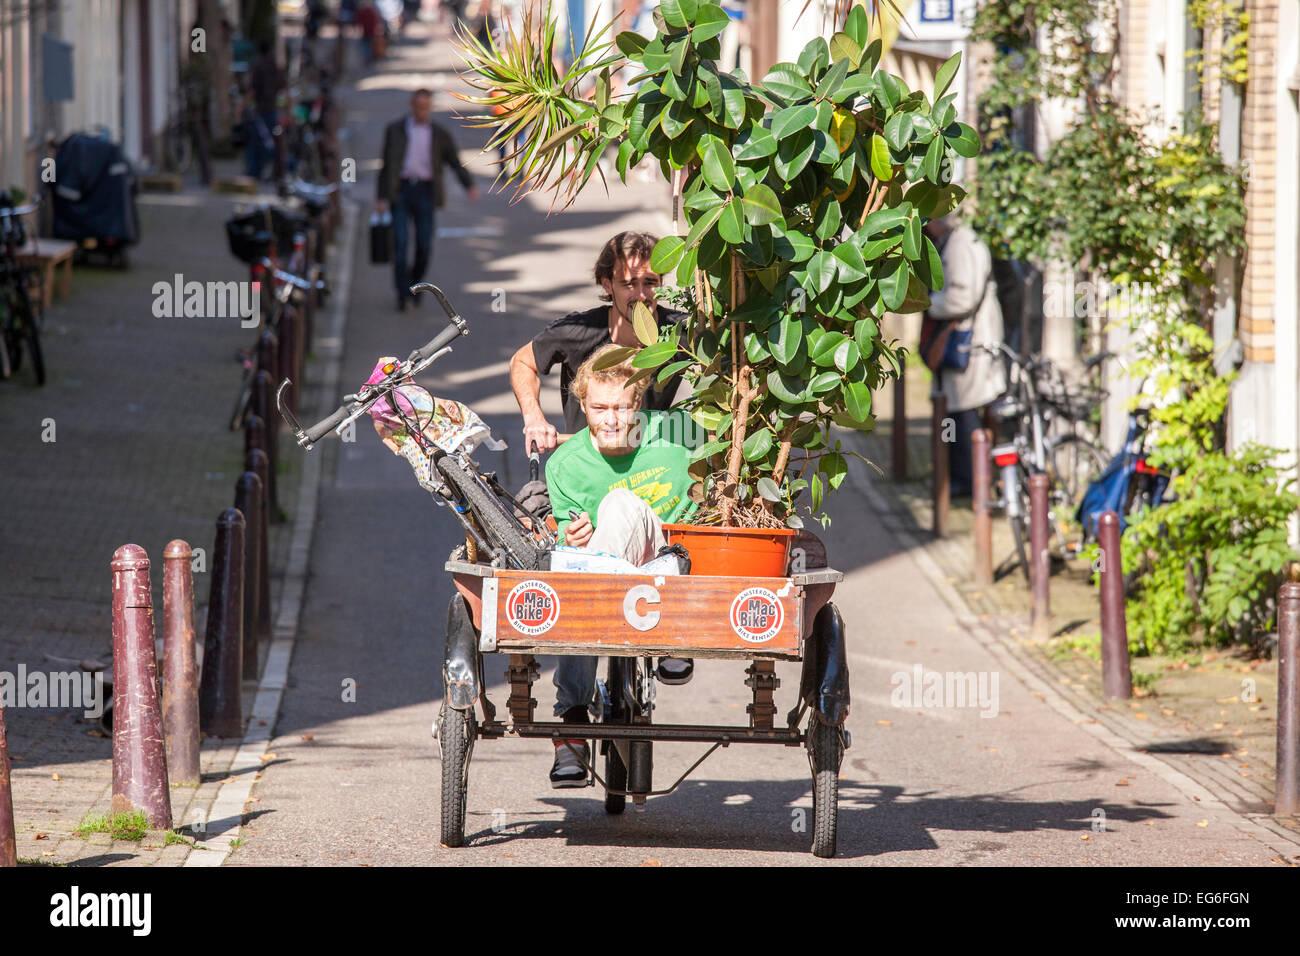 Carga de Ámsterdam en bicicleta los estudiantes cambian de casa con un alquiler de bicicleta, portador de carga Imagen De Stock